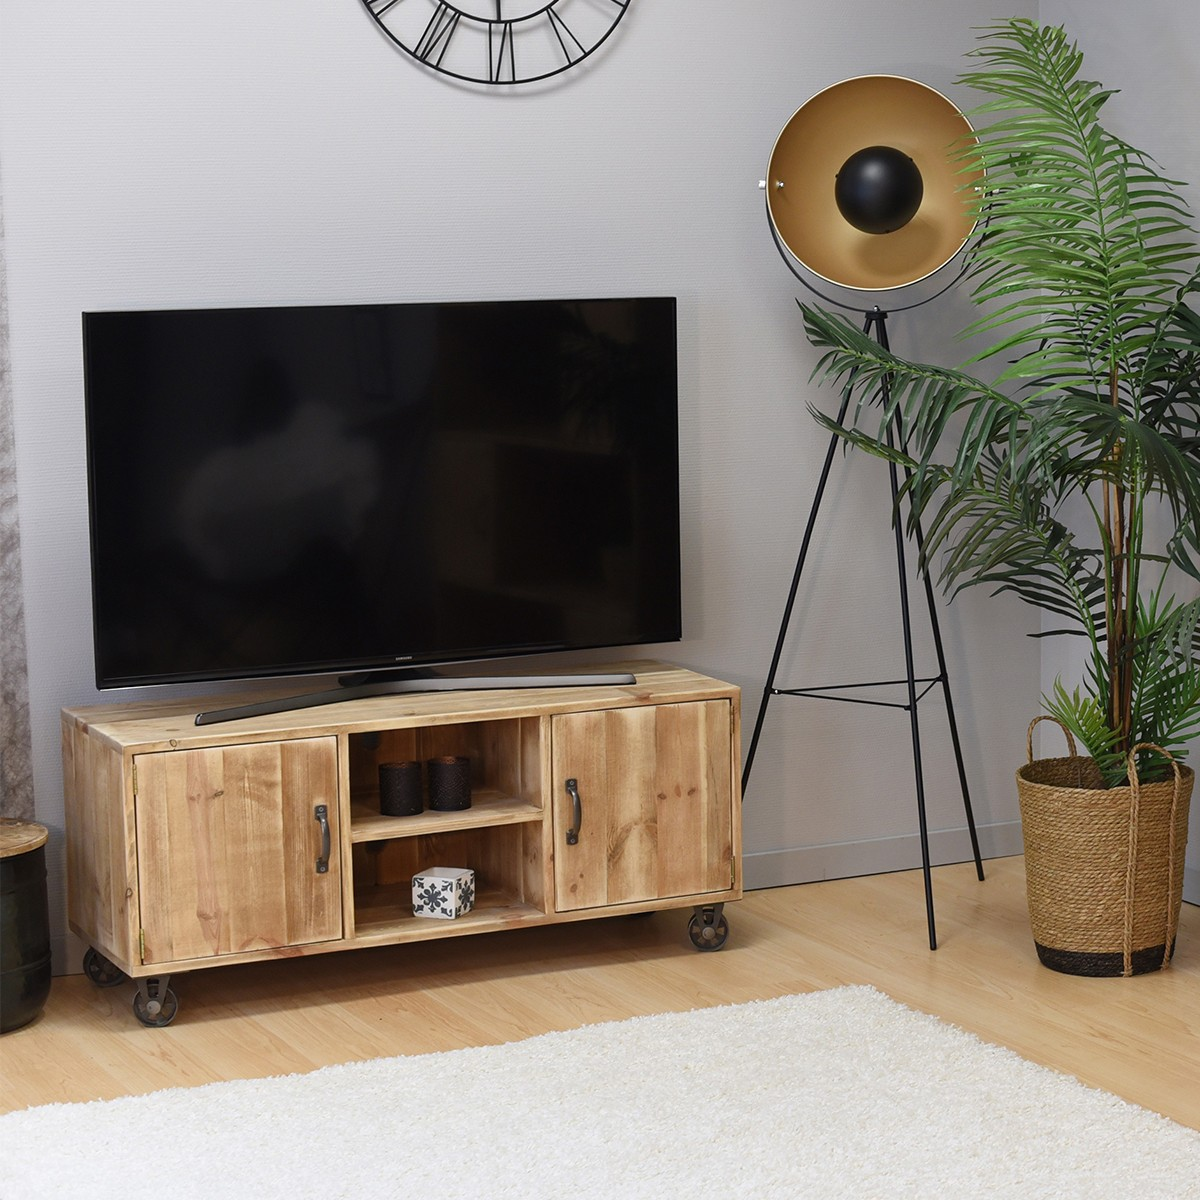 Meuble TV à roulettes pin massif bois vieilli